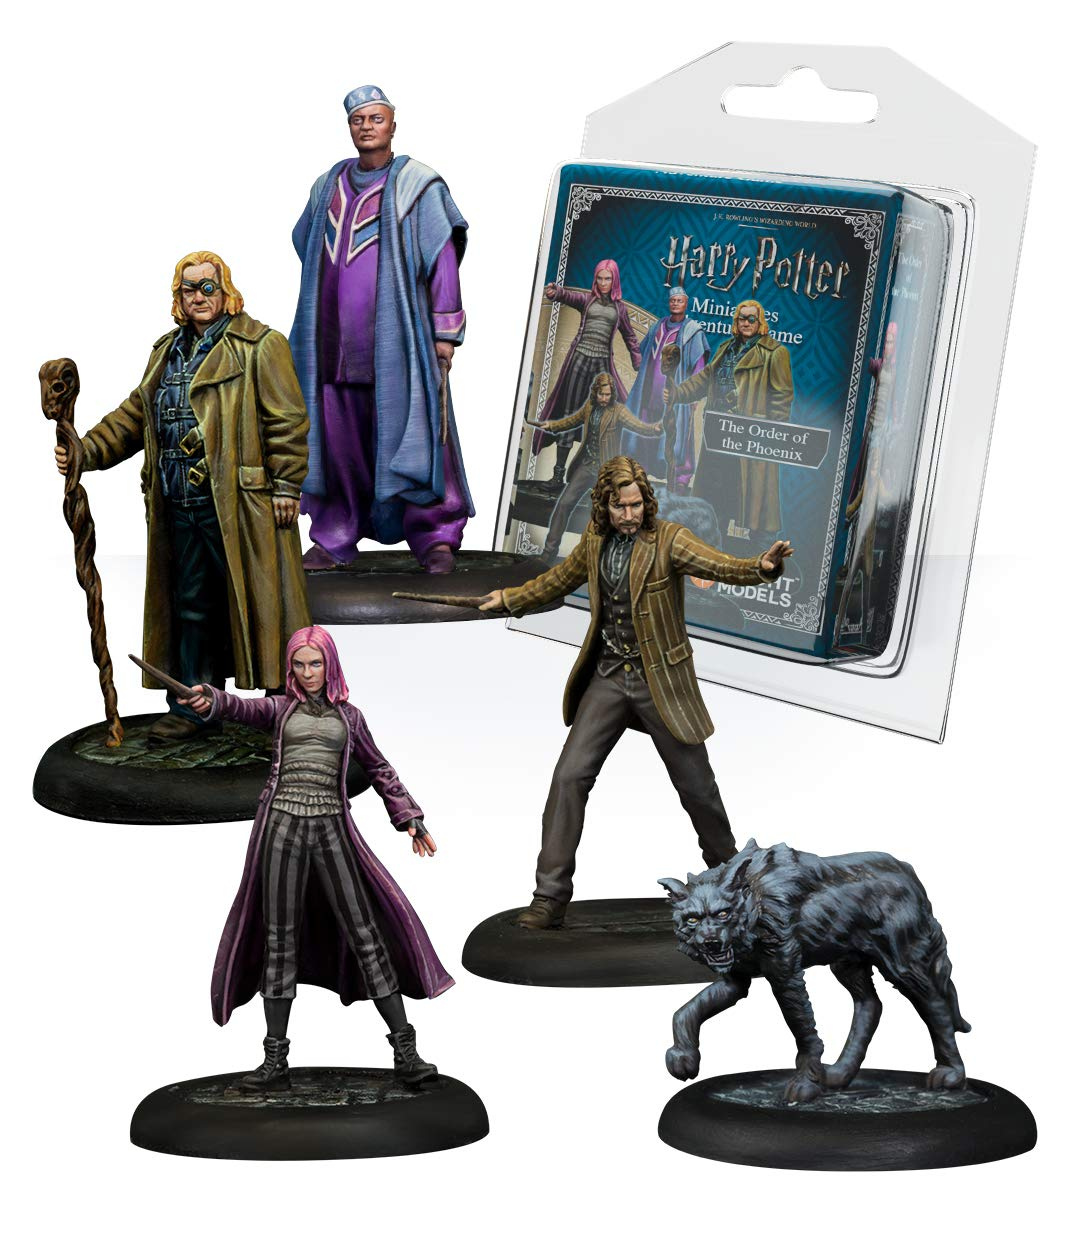 Knight Models Juego de Mesa - Miniaturas Resina Harry Potter Muñecos Order of The Phoenix, versión inglesa: Amazon.es: Juguetes y juegos